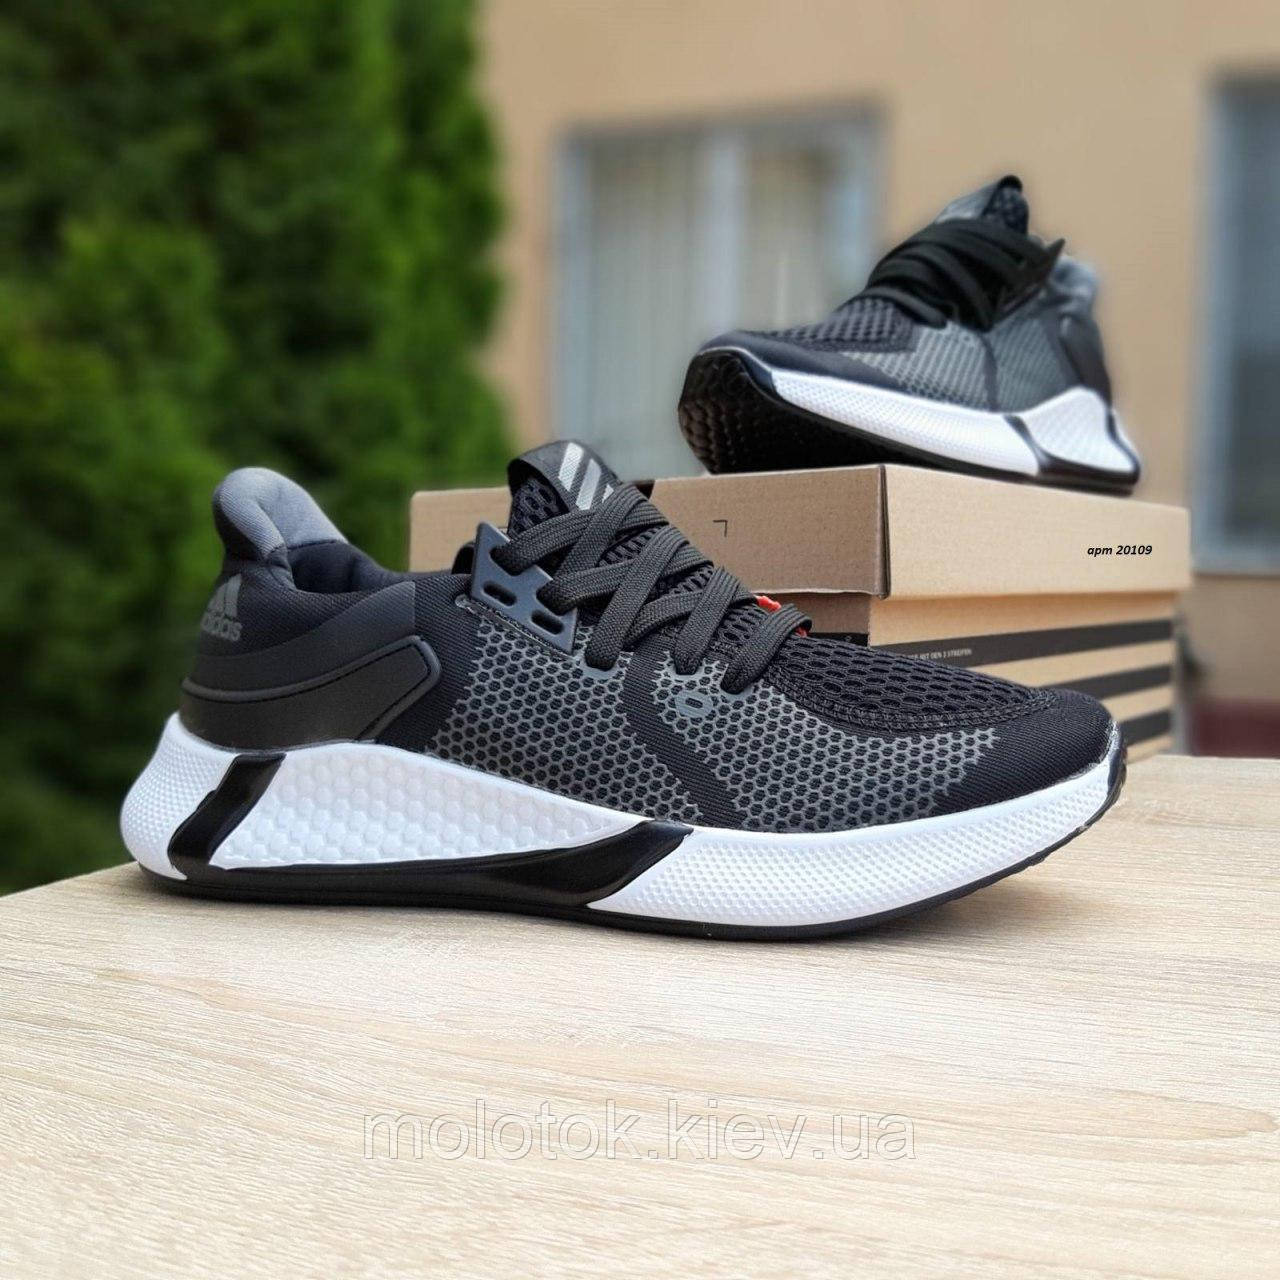 Женские кроссовки в стиле Adidas чёрные на белой